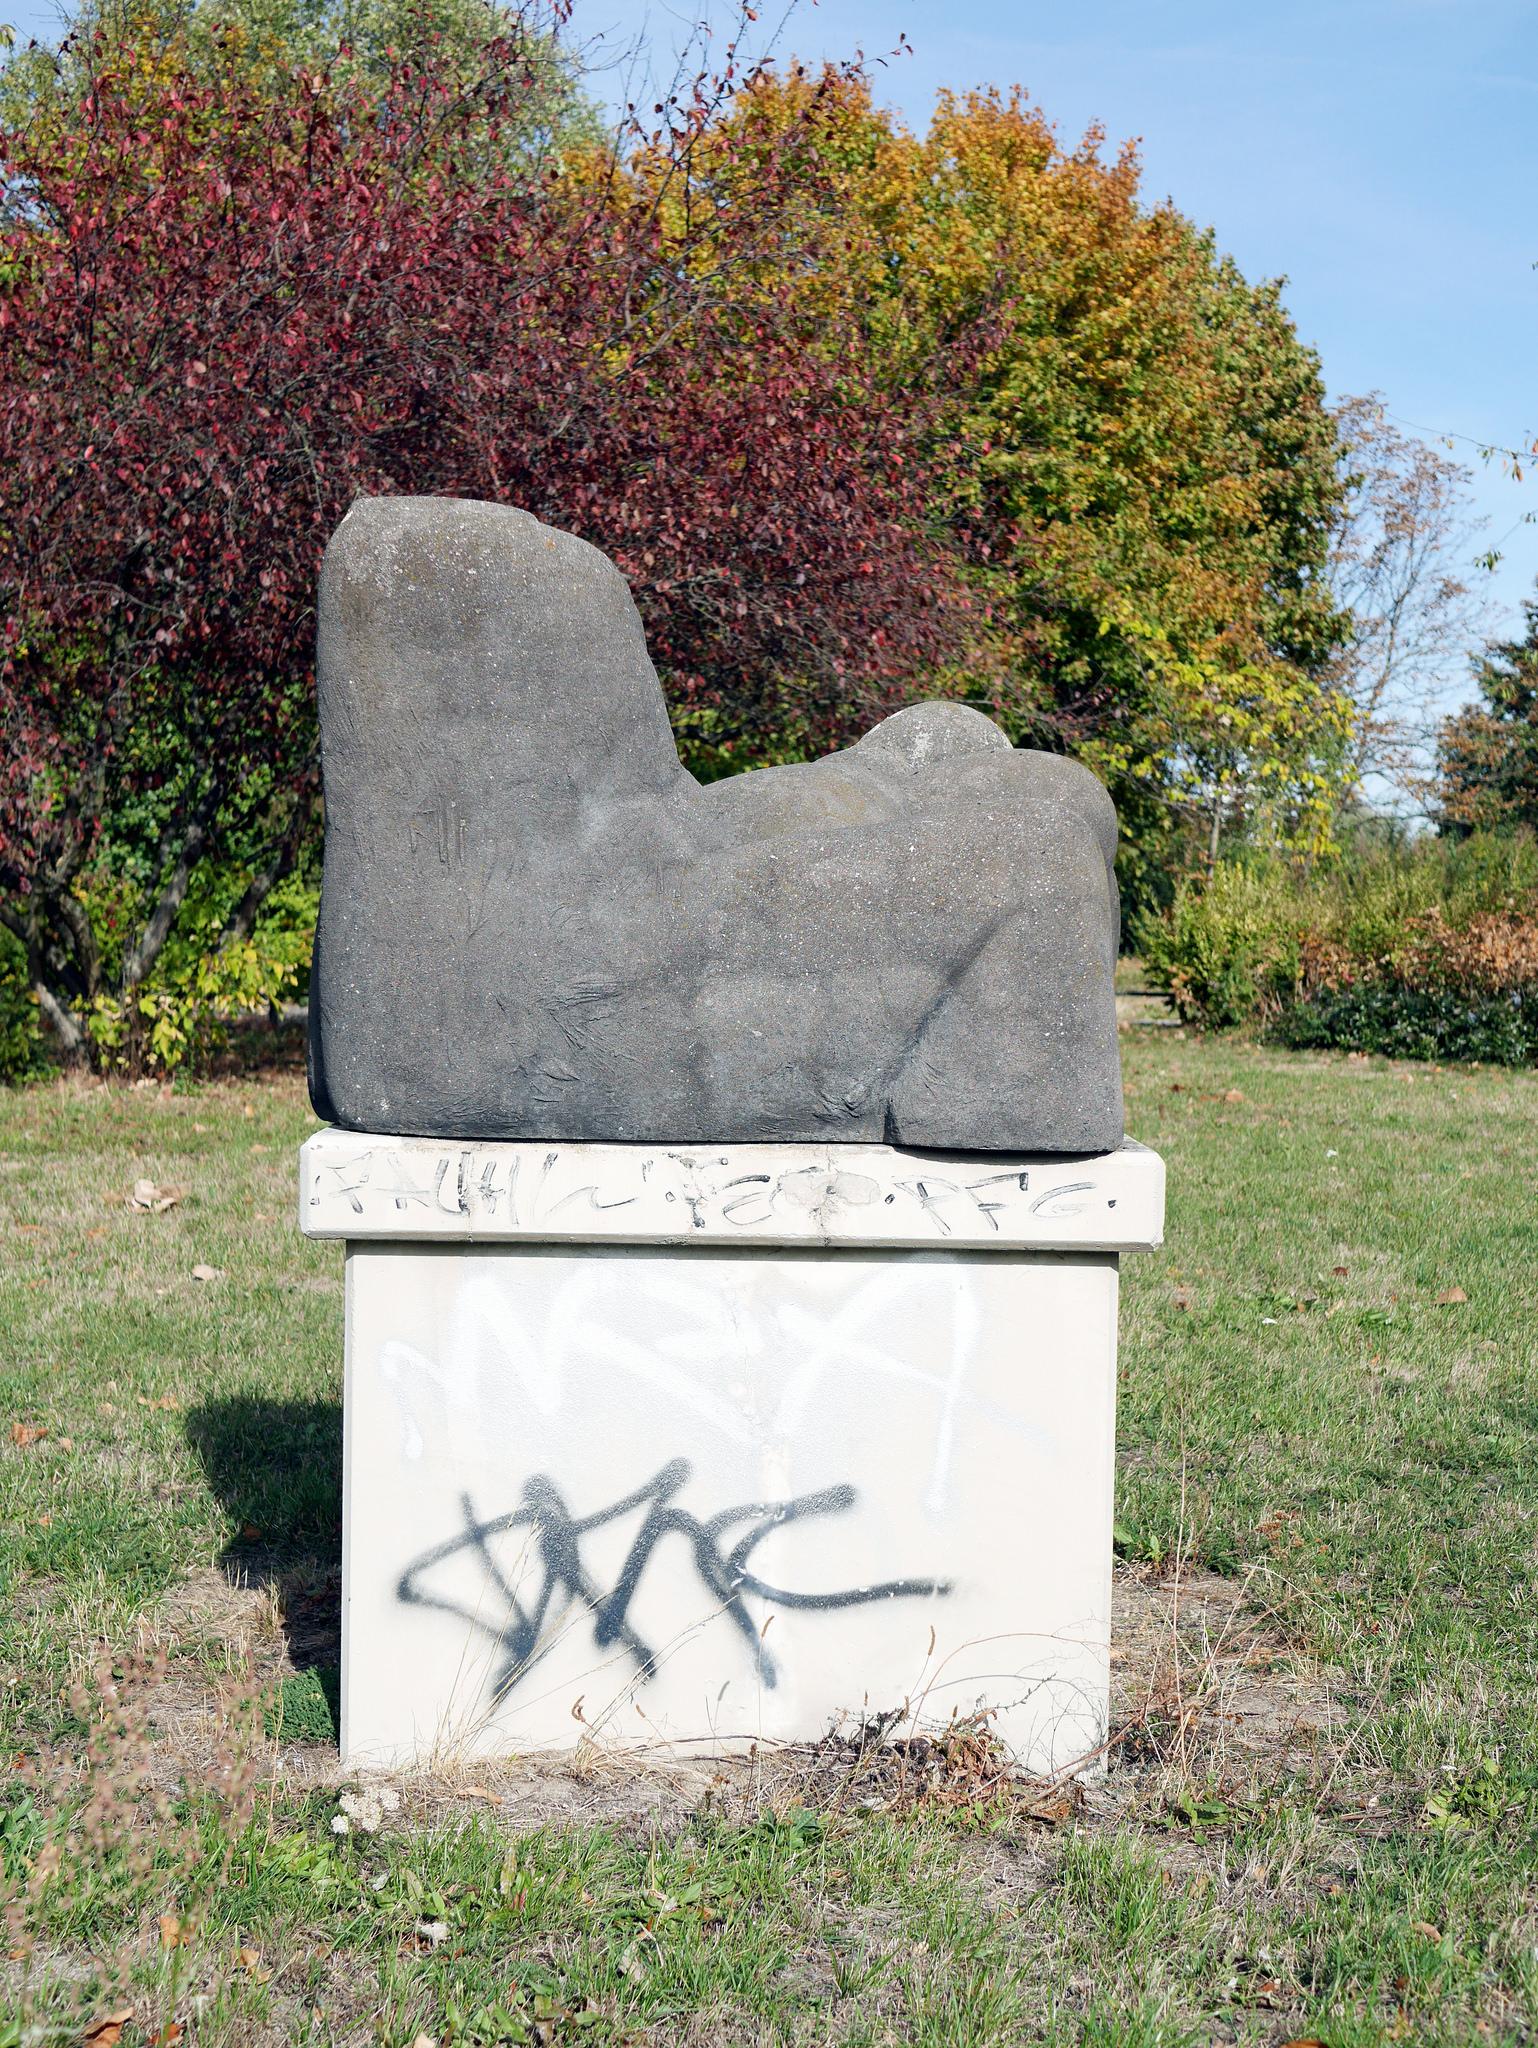 Park (c. Ben Kaden)